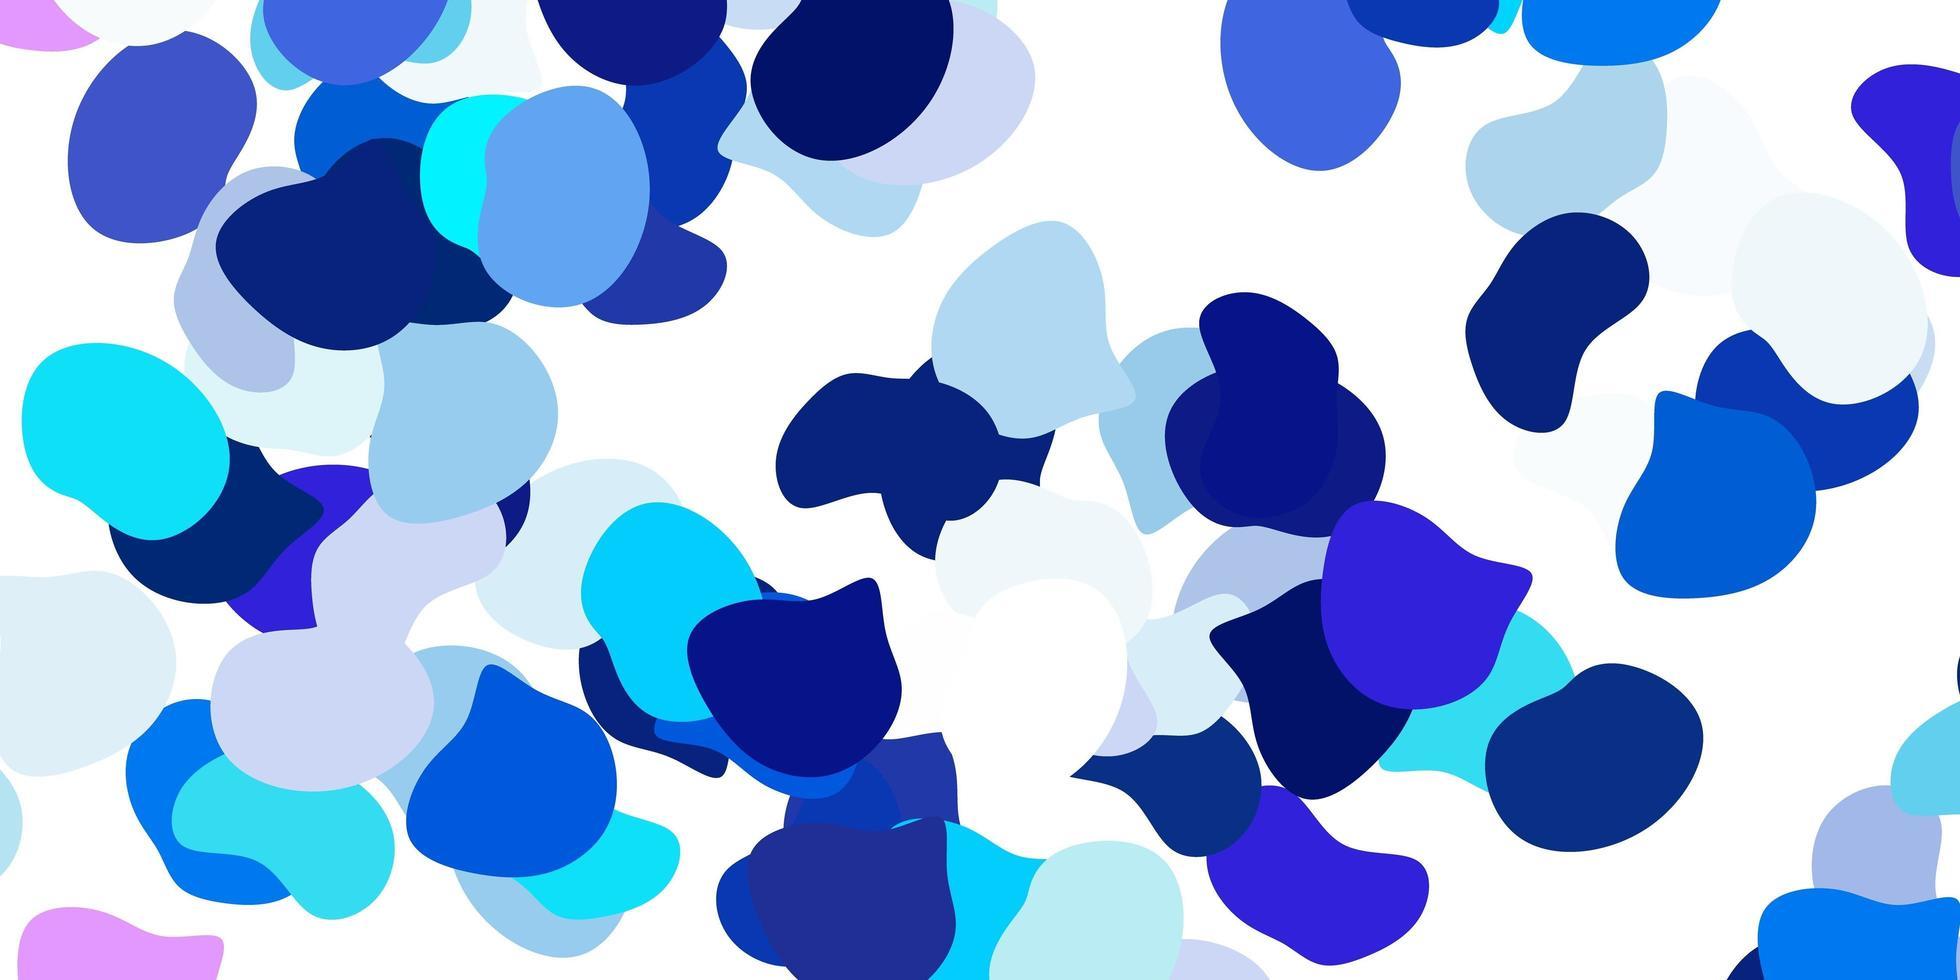 hellrosa, blauer Vektorhintergrund mit chaotischen Formen. vektor